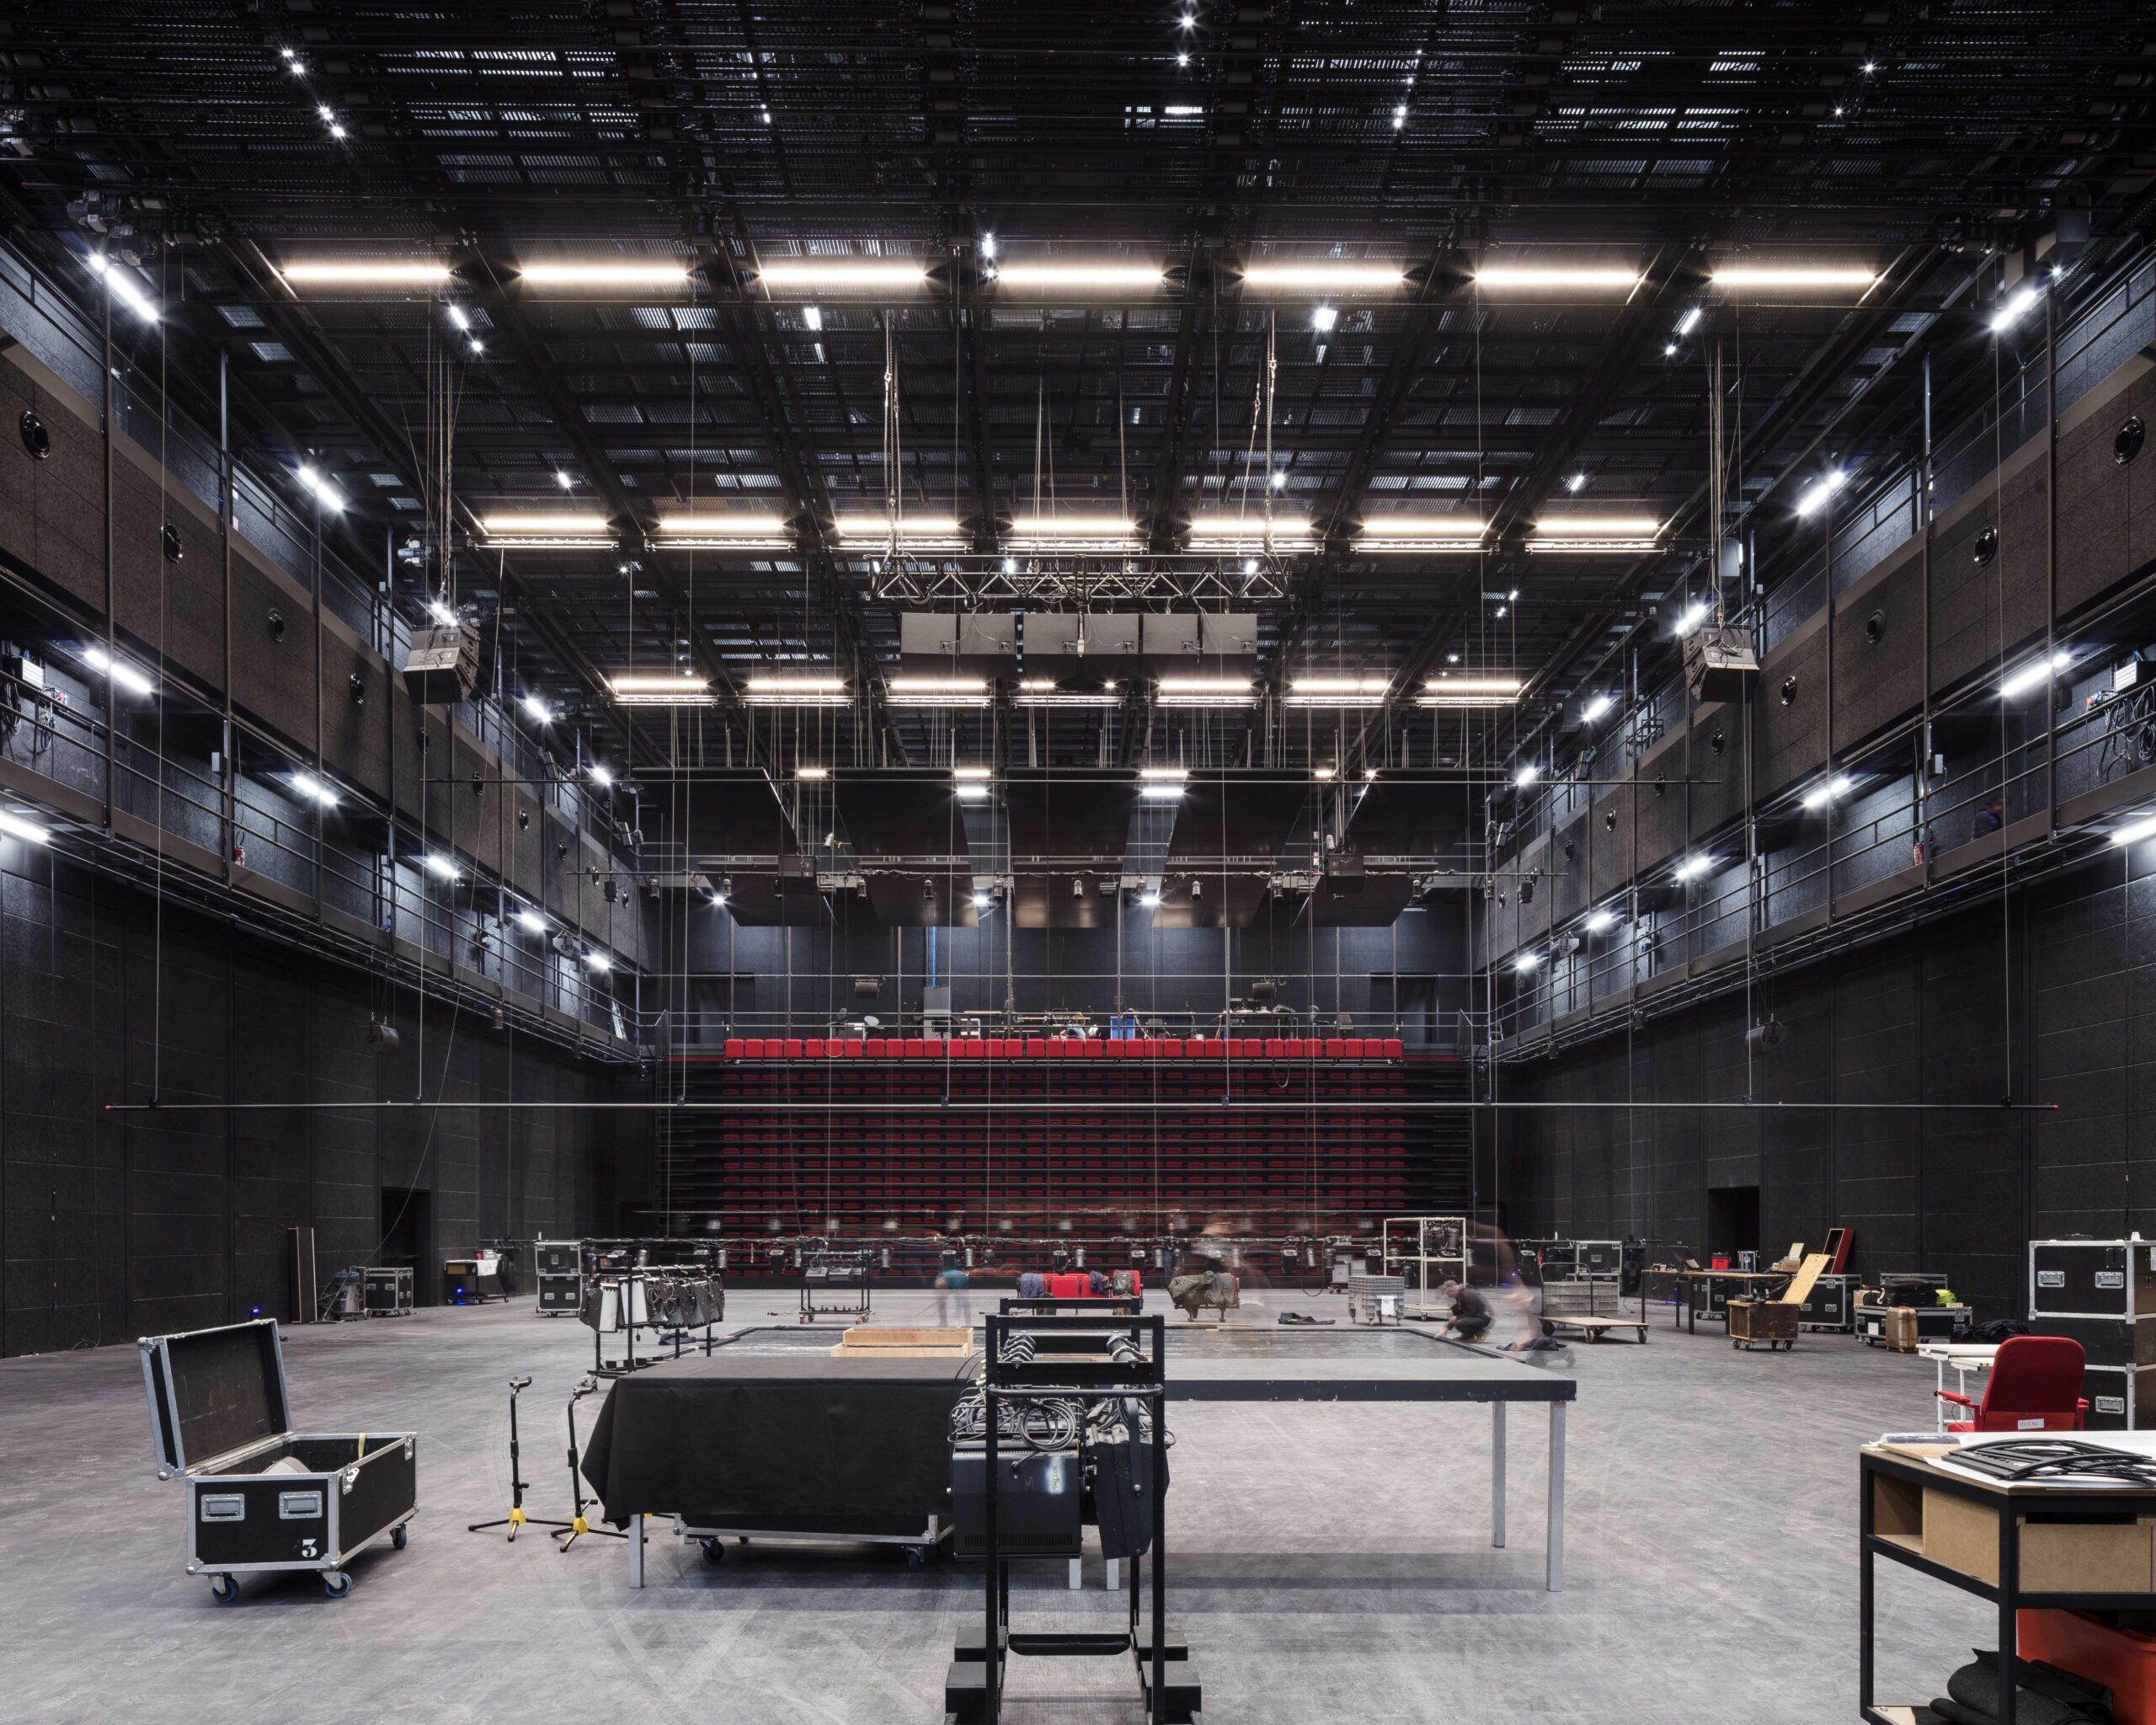 Nouveau Théâtre Maillon parLAN (Local Architecture Network)- Crédit photo : Charly Broyez